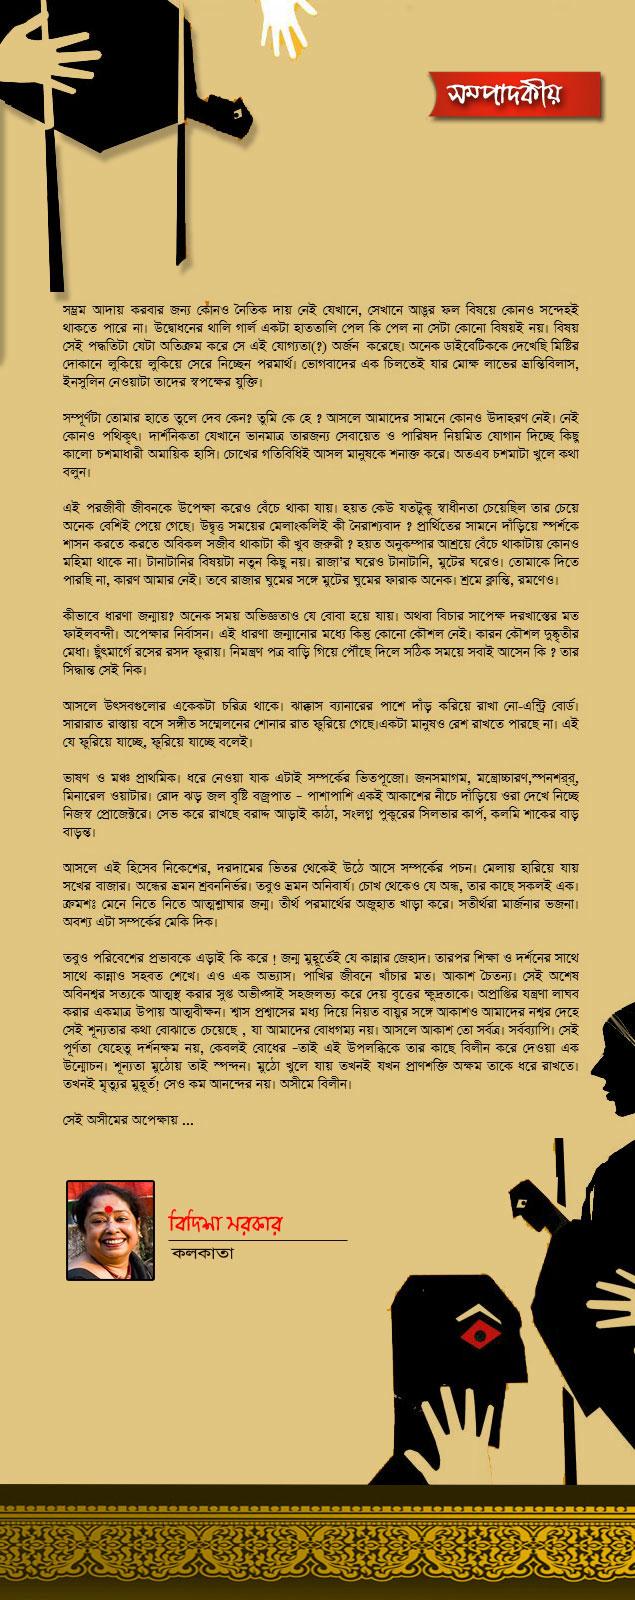 অতিথি সম্পাদক / বিদিশা সরকার